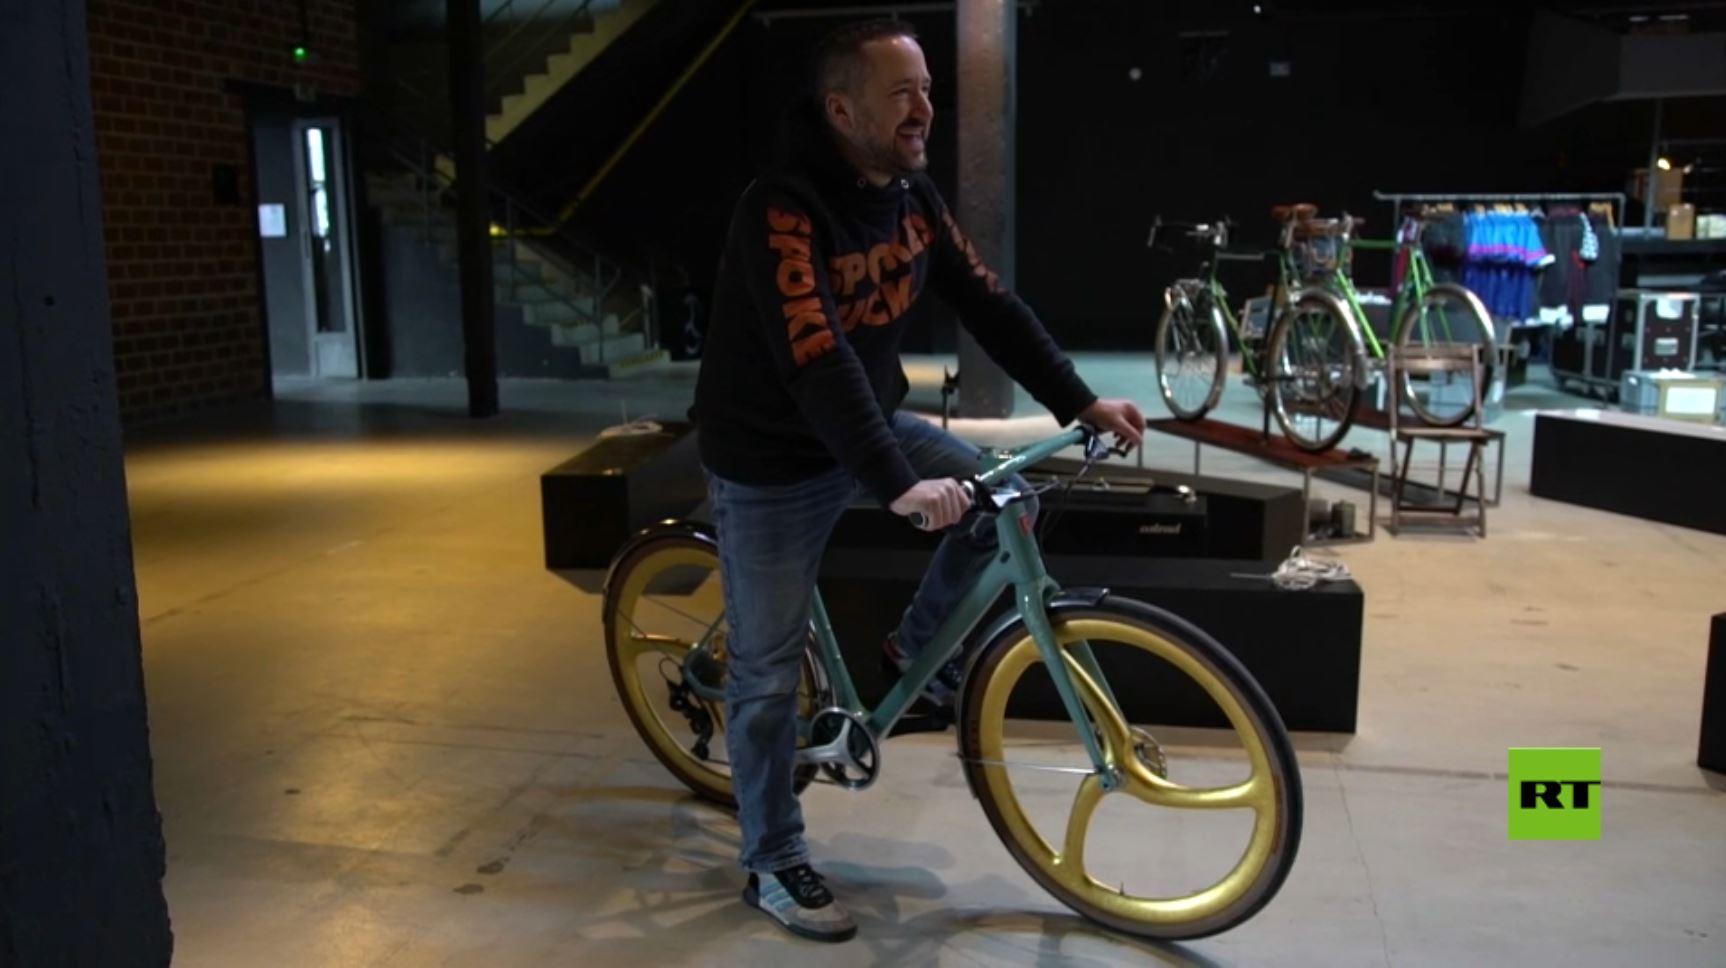 عجلات ذهبية لدراجة هوائية سعرها 10,000 دولار